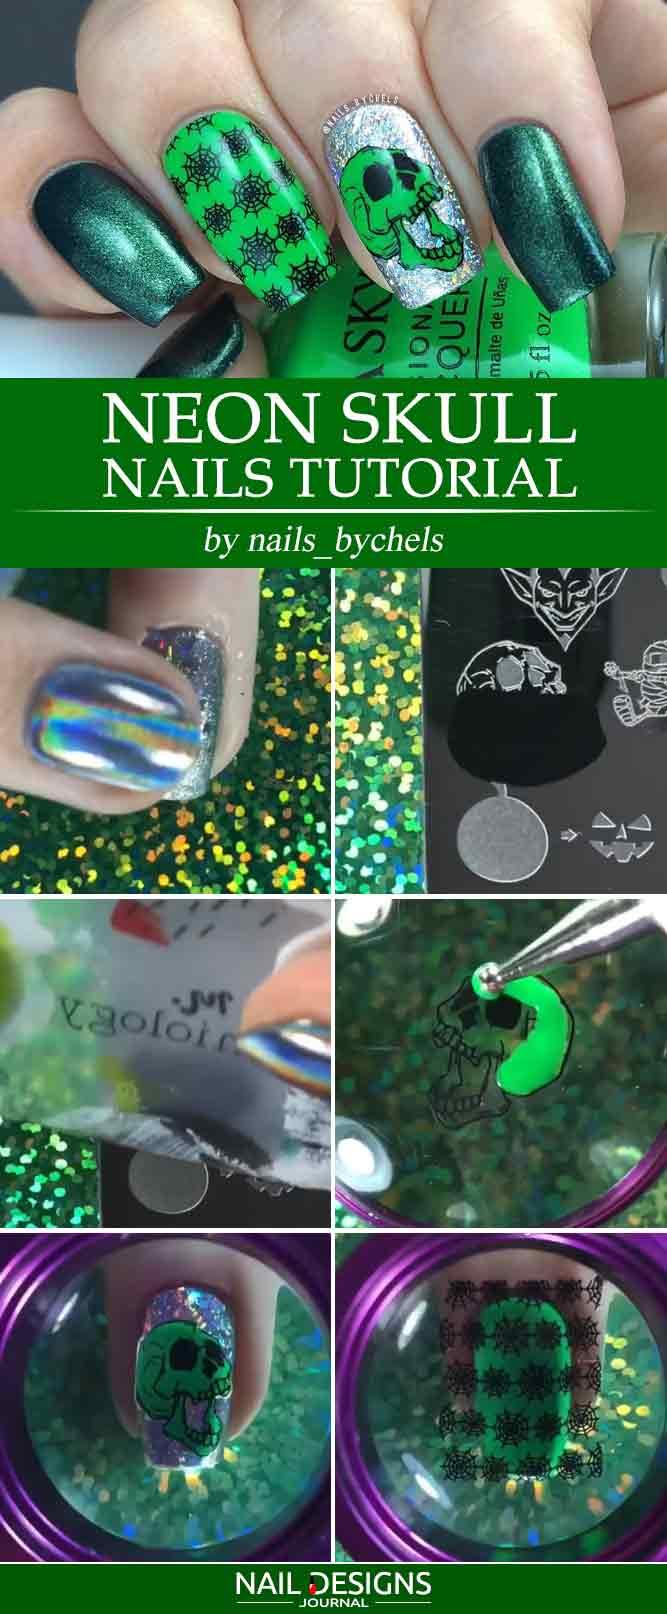 Neon Skull Nails Tutorial